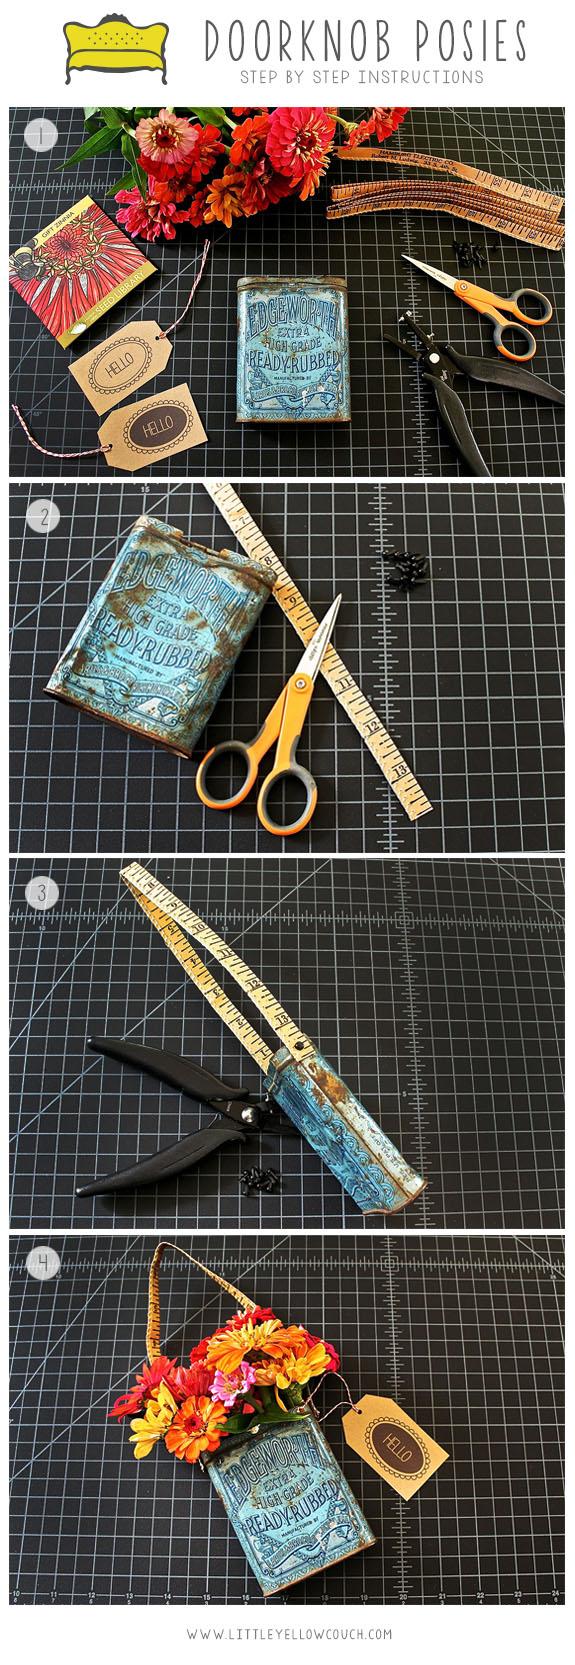 DoorknobPosiesInstructions.jpg